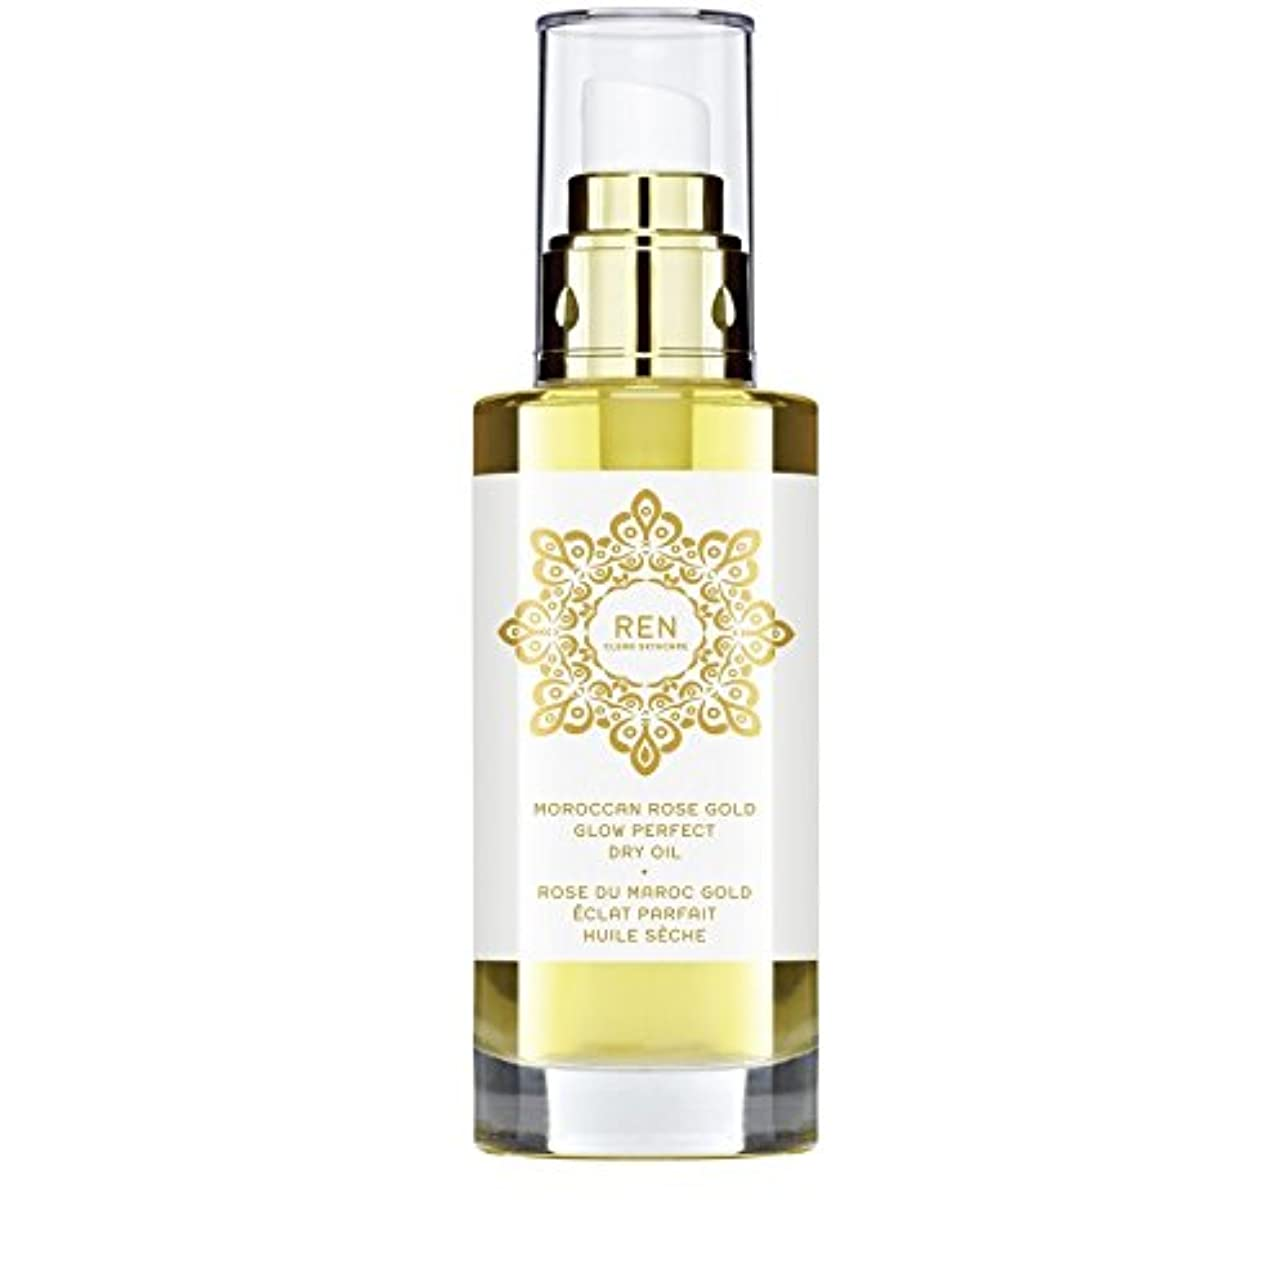 標高満足できる息切れREN Moroccan Rose Gold Glow Perfect Dry Oil 100ml (Pack of 6) - モロッコは金が完璧なドライオイル100ミリリットルグローバラ x6 [並行輸入品]